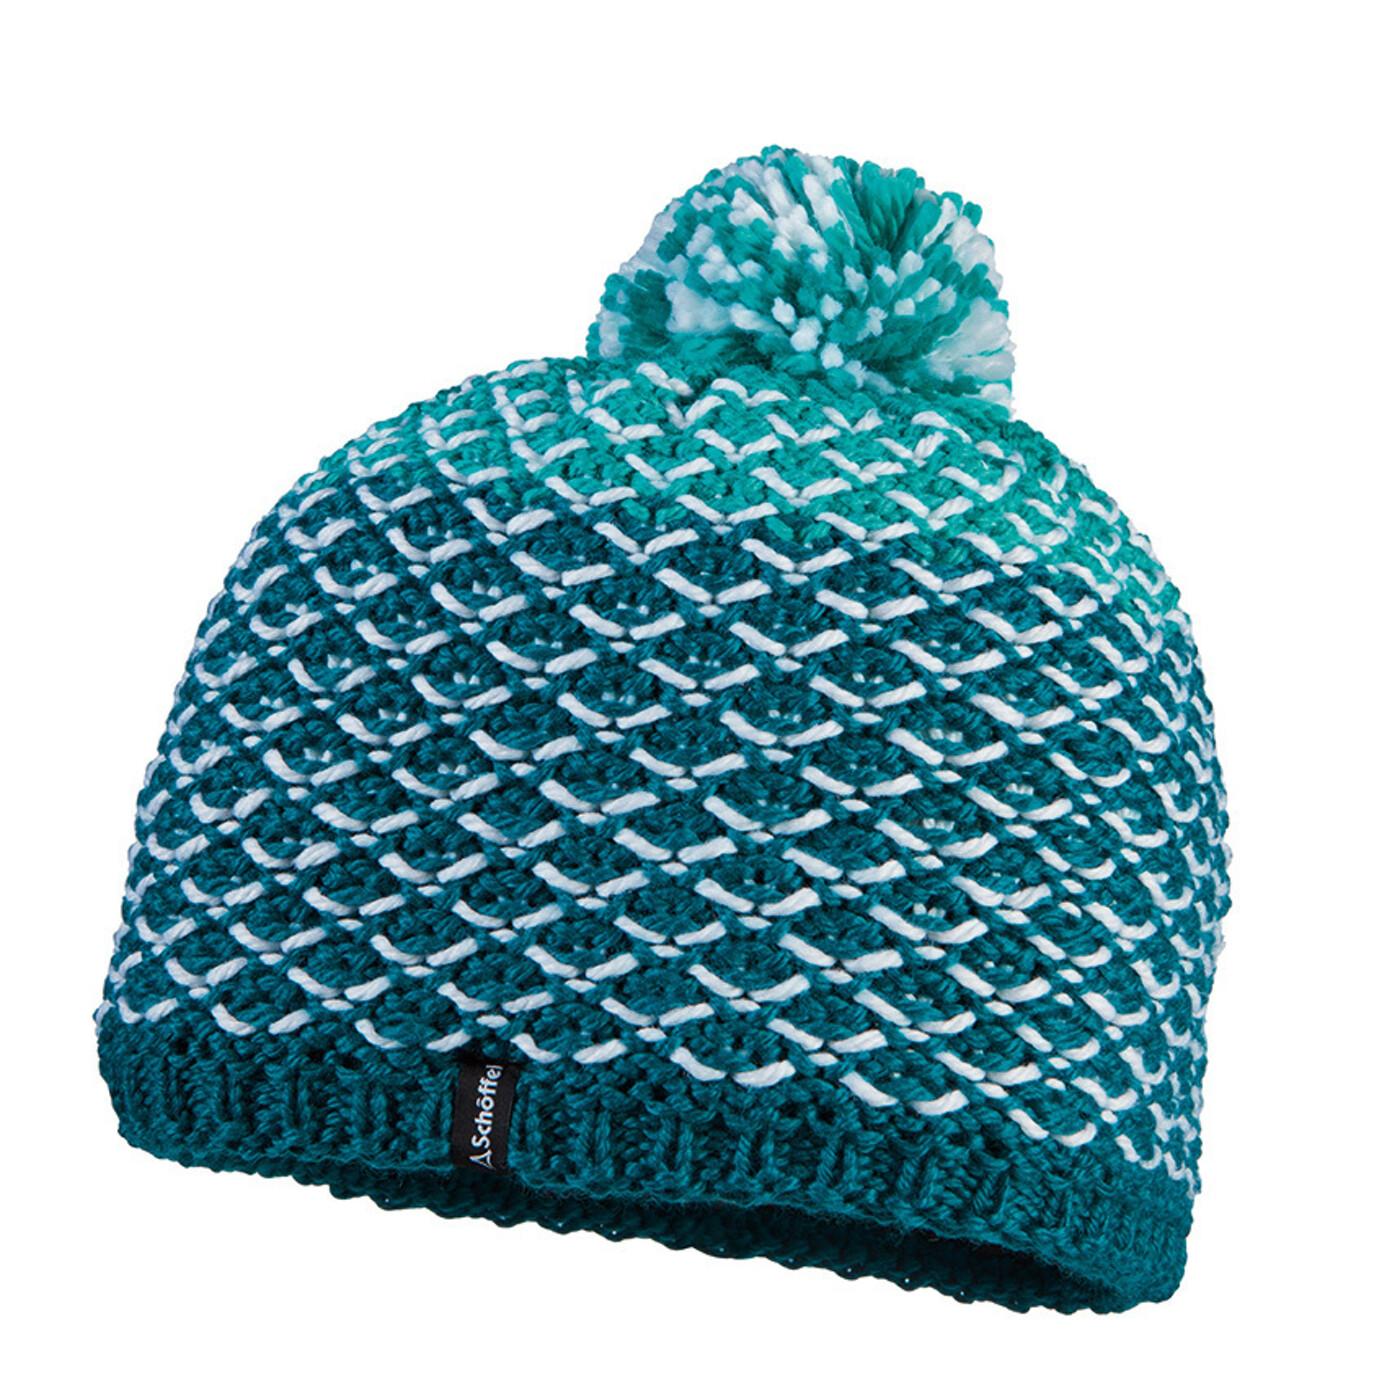 SCHÖFFEL Knitted Hat Coventry2 - Damen